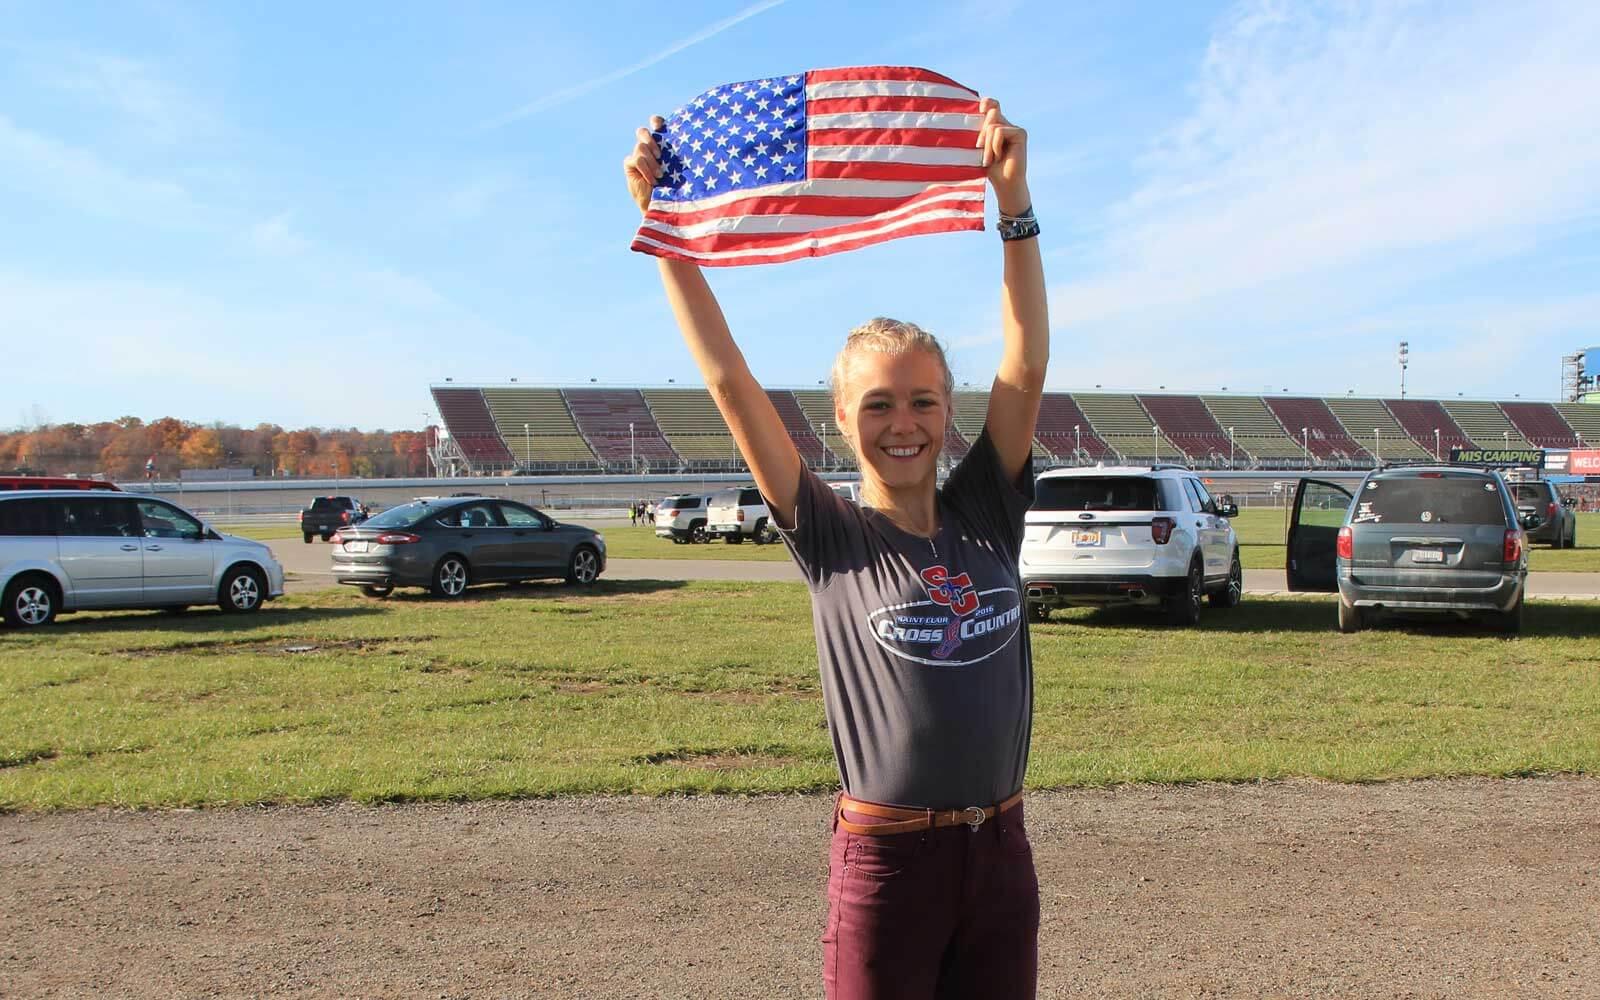 Mara mit US-Flagge